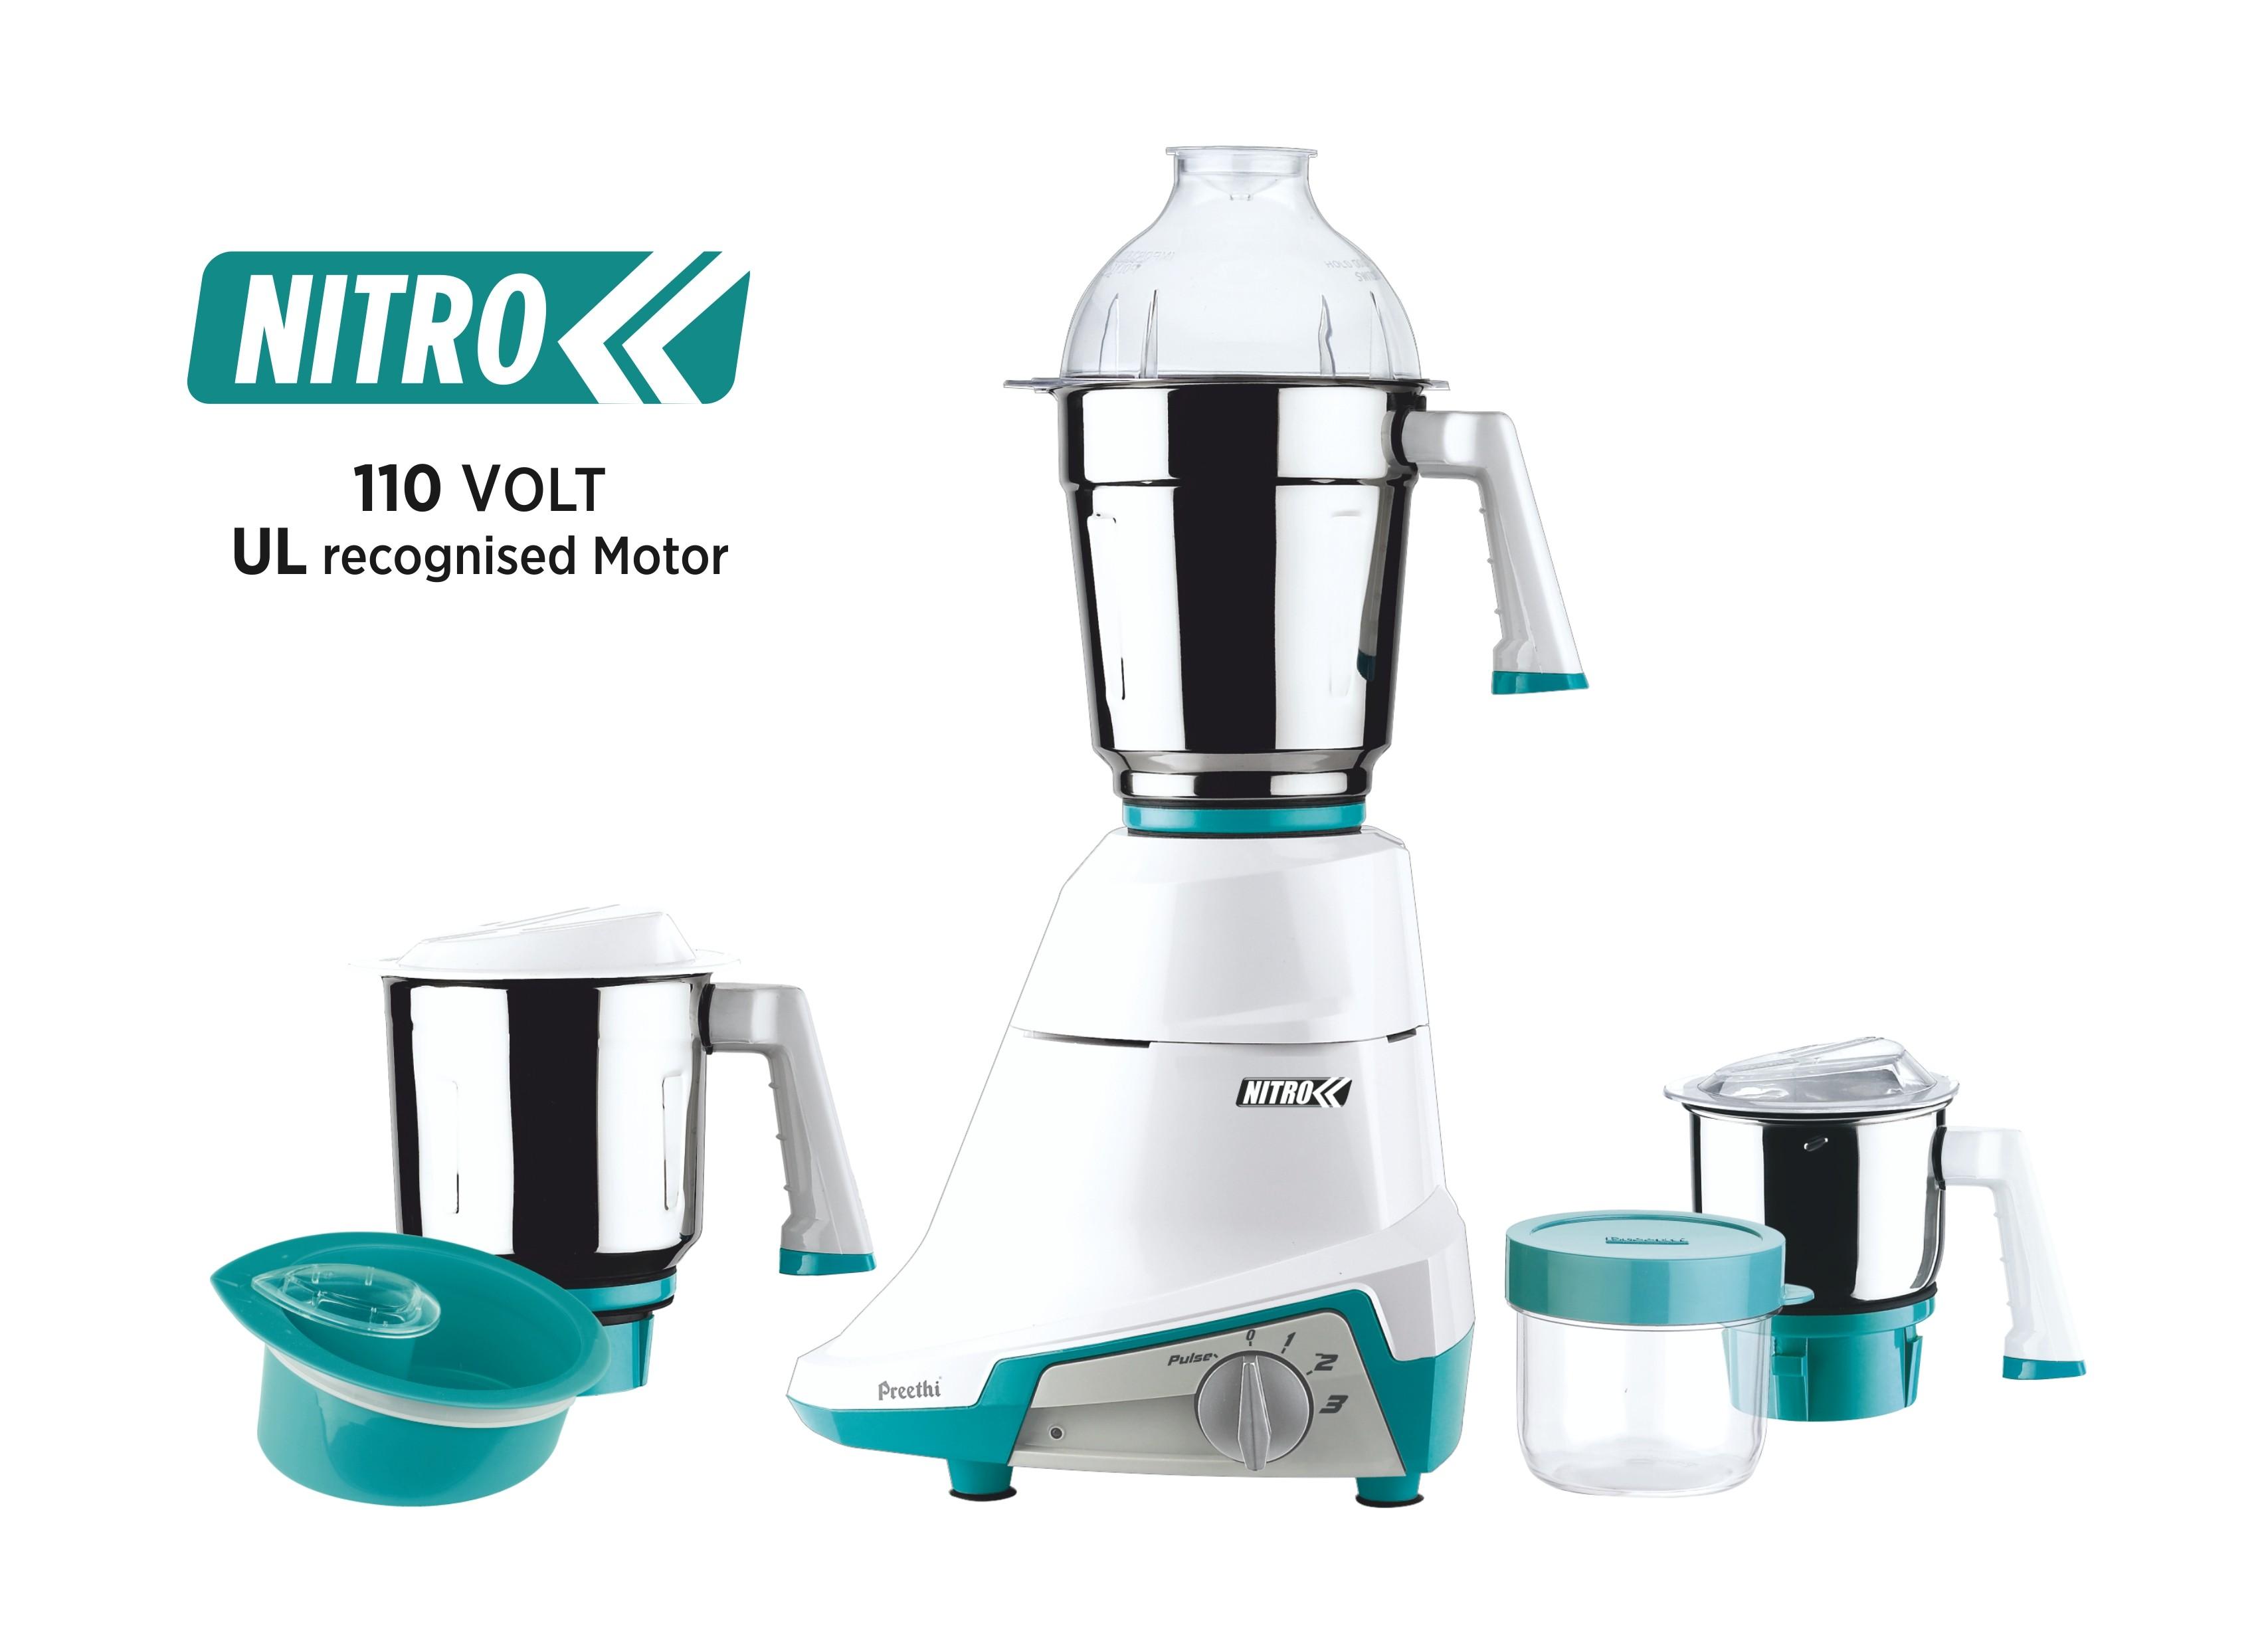 preethi-mg155-nitro-3-jar-mixer-grinder-110-volt